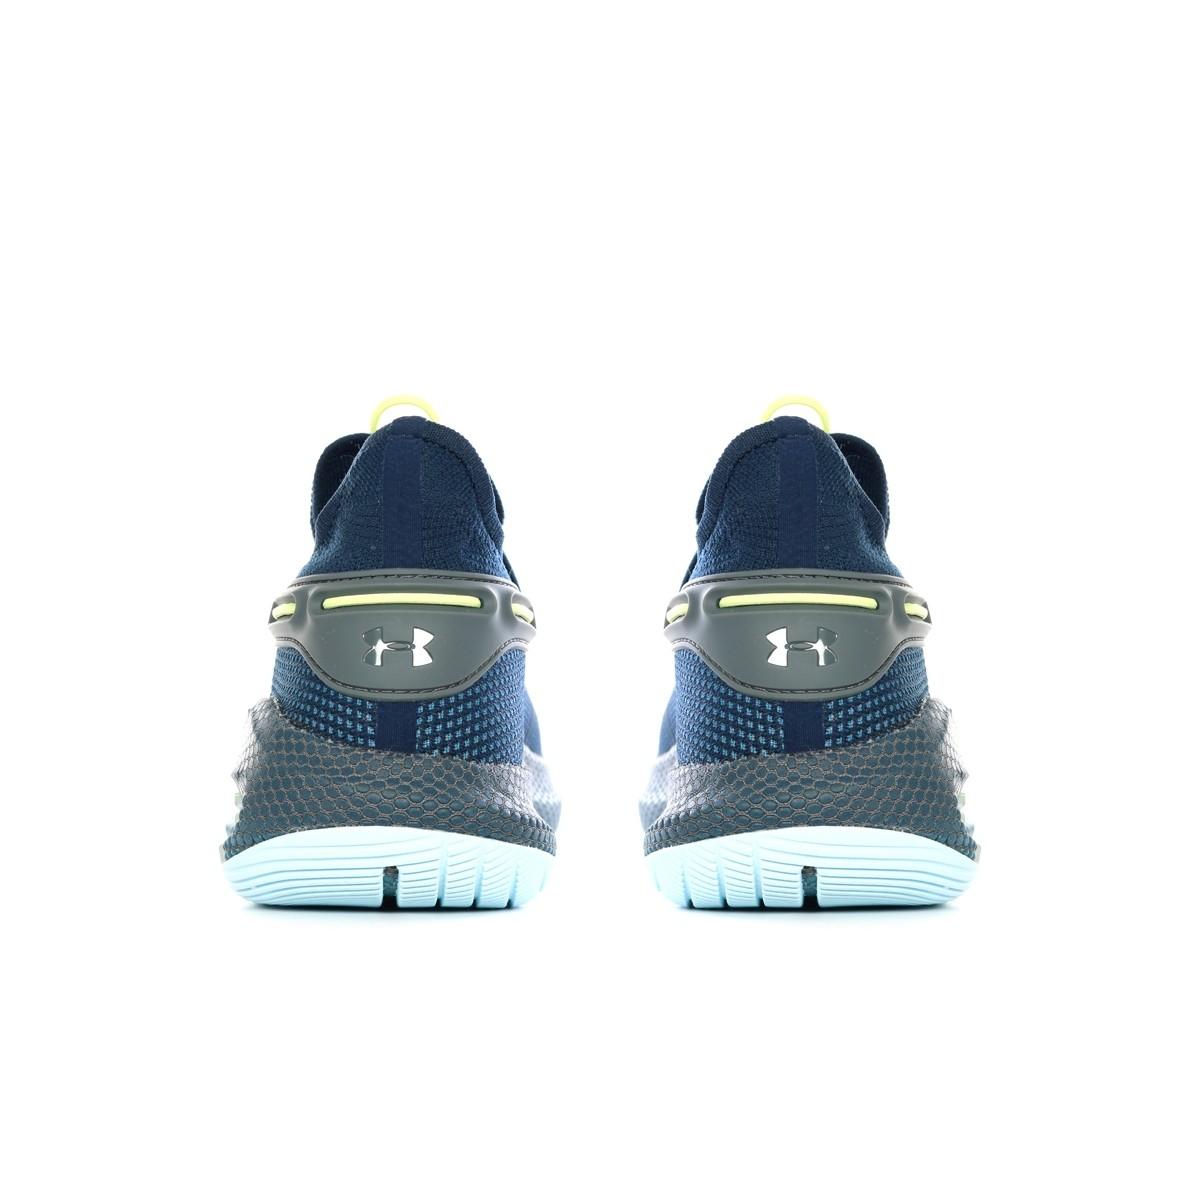 detergente voluntario Intrusión  Buy Under Armour Curry 6 'Blue Marine' Basketball shoes & sneakers